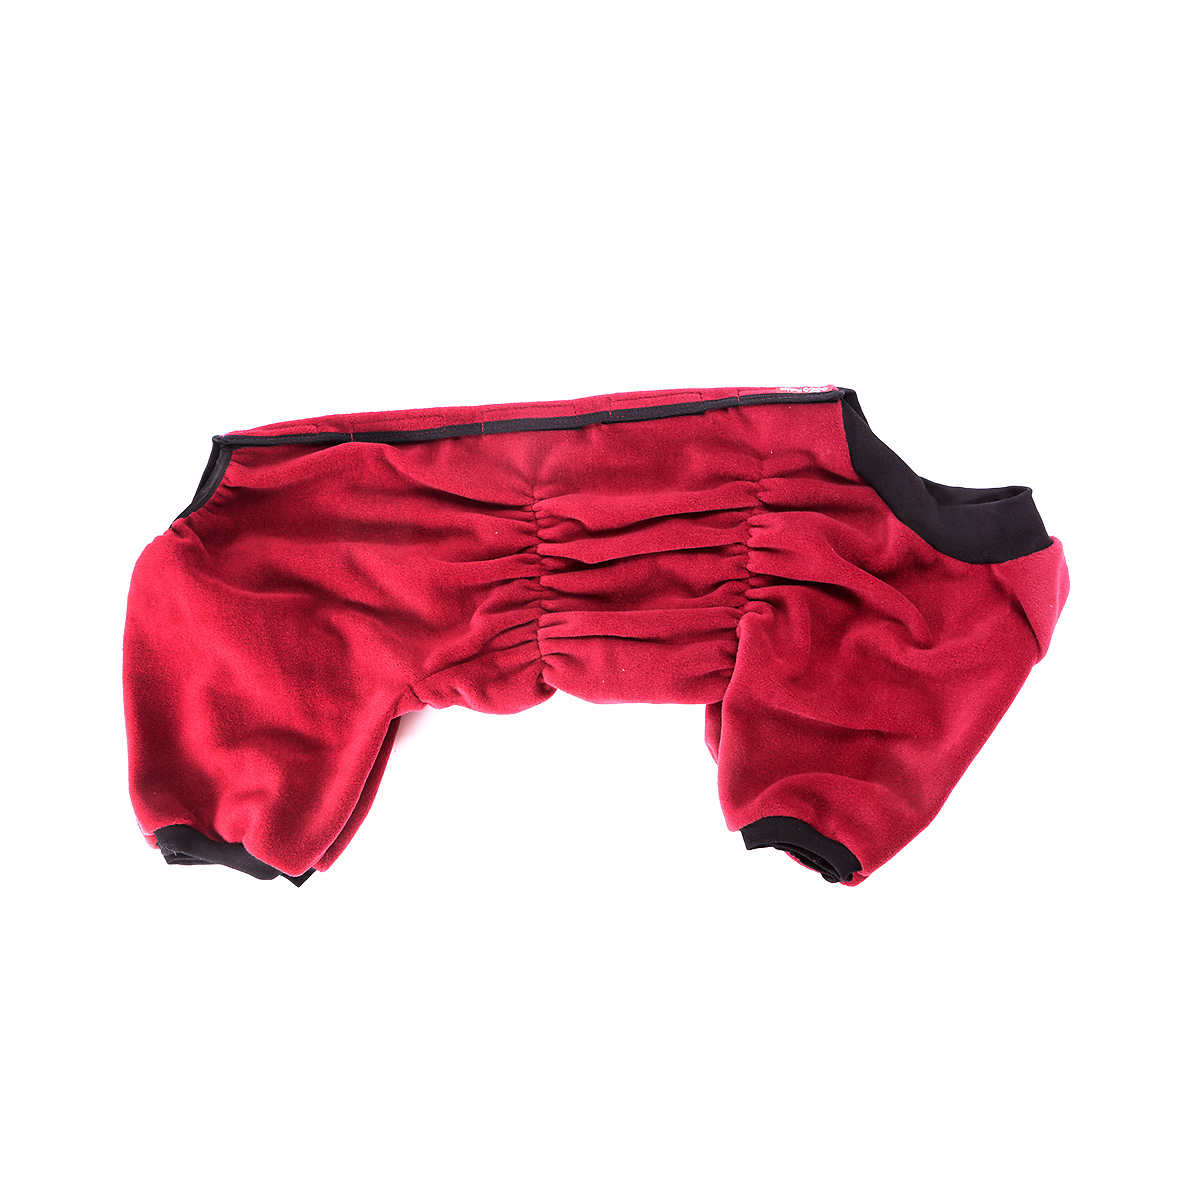 Комбинезон для собак OSSO Fashion, для девочки, цвет: бордовый. Размер 450120710Комбинезон для собак OSSO Fashion выполнен из флиса. Комфортная посадка по корпусу достигается за счет резинок-утяжек под грудью и животом. На воротнике имеются завязки, для дополнительной фиксации. Можно носить самостоятельно и как поддевку под комбинезон для собак. Изделие отлично стирается, быстро сохнет.Длина спинки: 45 см.Объем груди: 56-66 см.